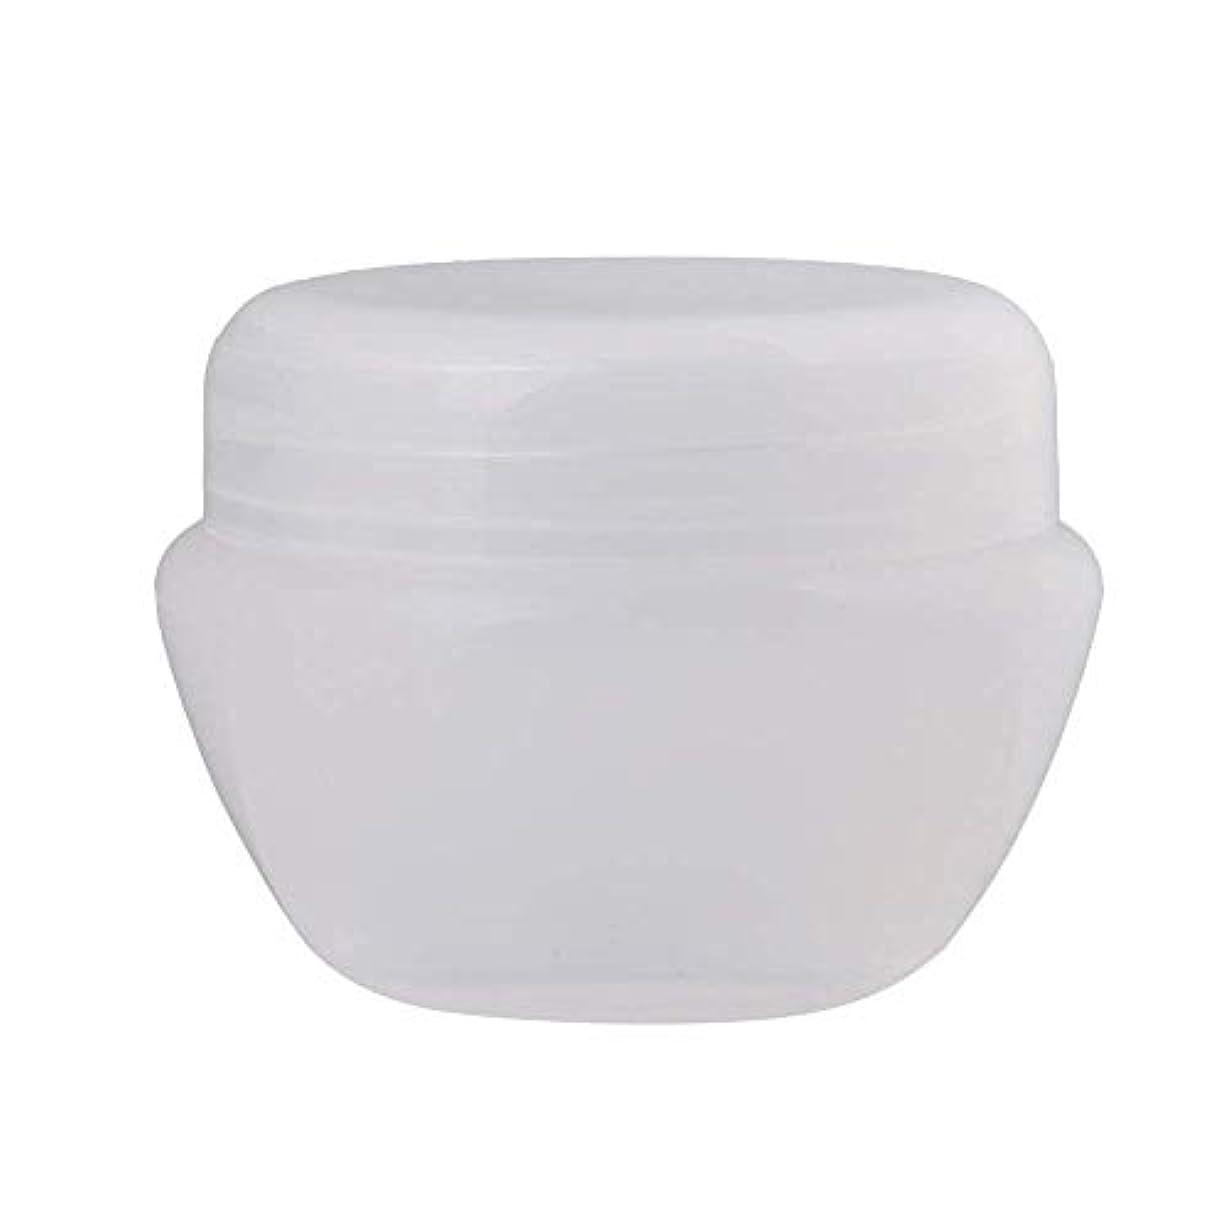 食品失業支援Diystyle 20個入 5g クリームケース 空ポット 化粧品用 詰替え 空容器 旅行用品 ホワイト